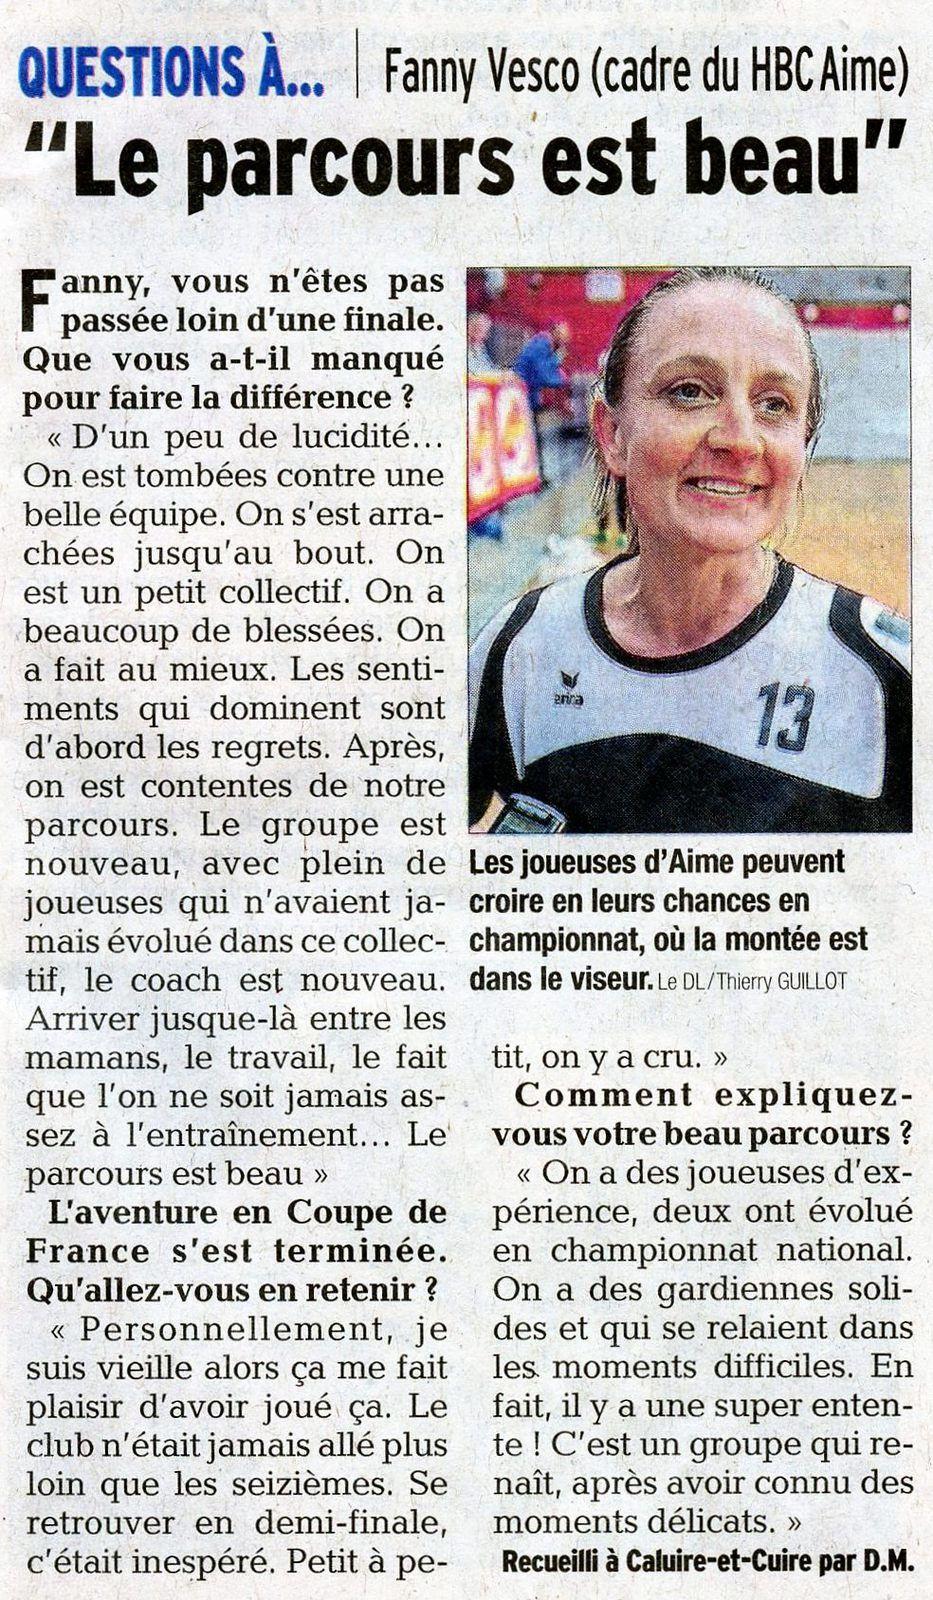 Article DL CDF le parcours est beau explique Fanny Vesco du club du HBC AIME